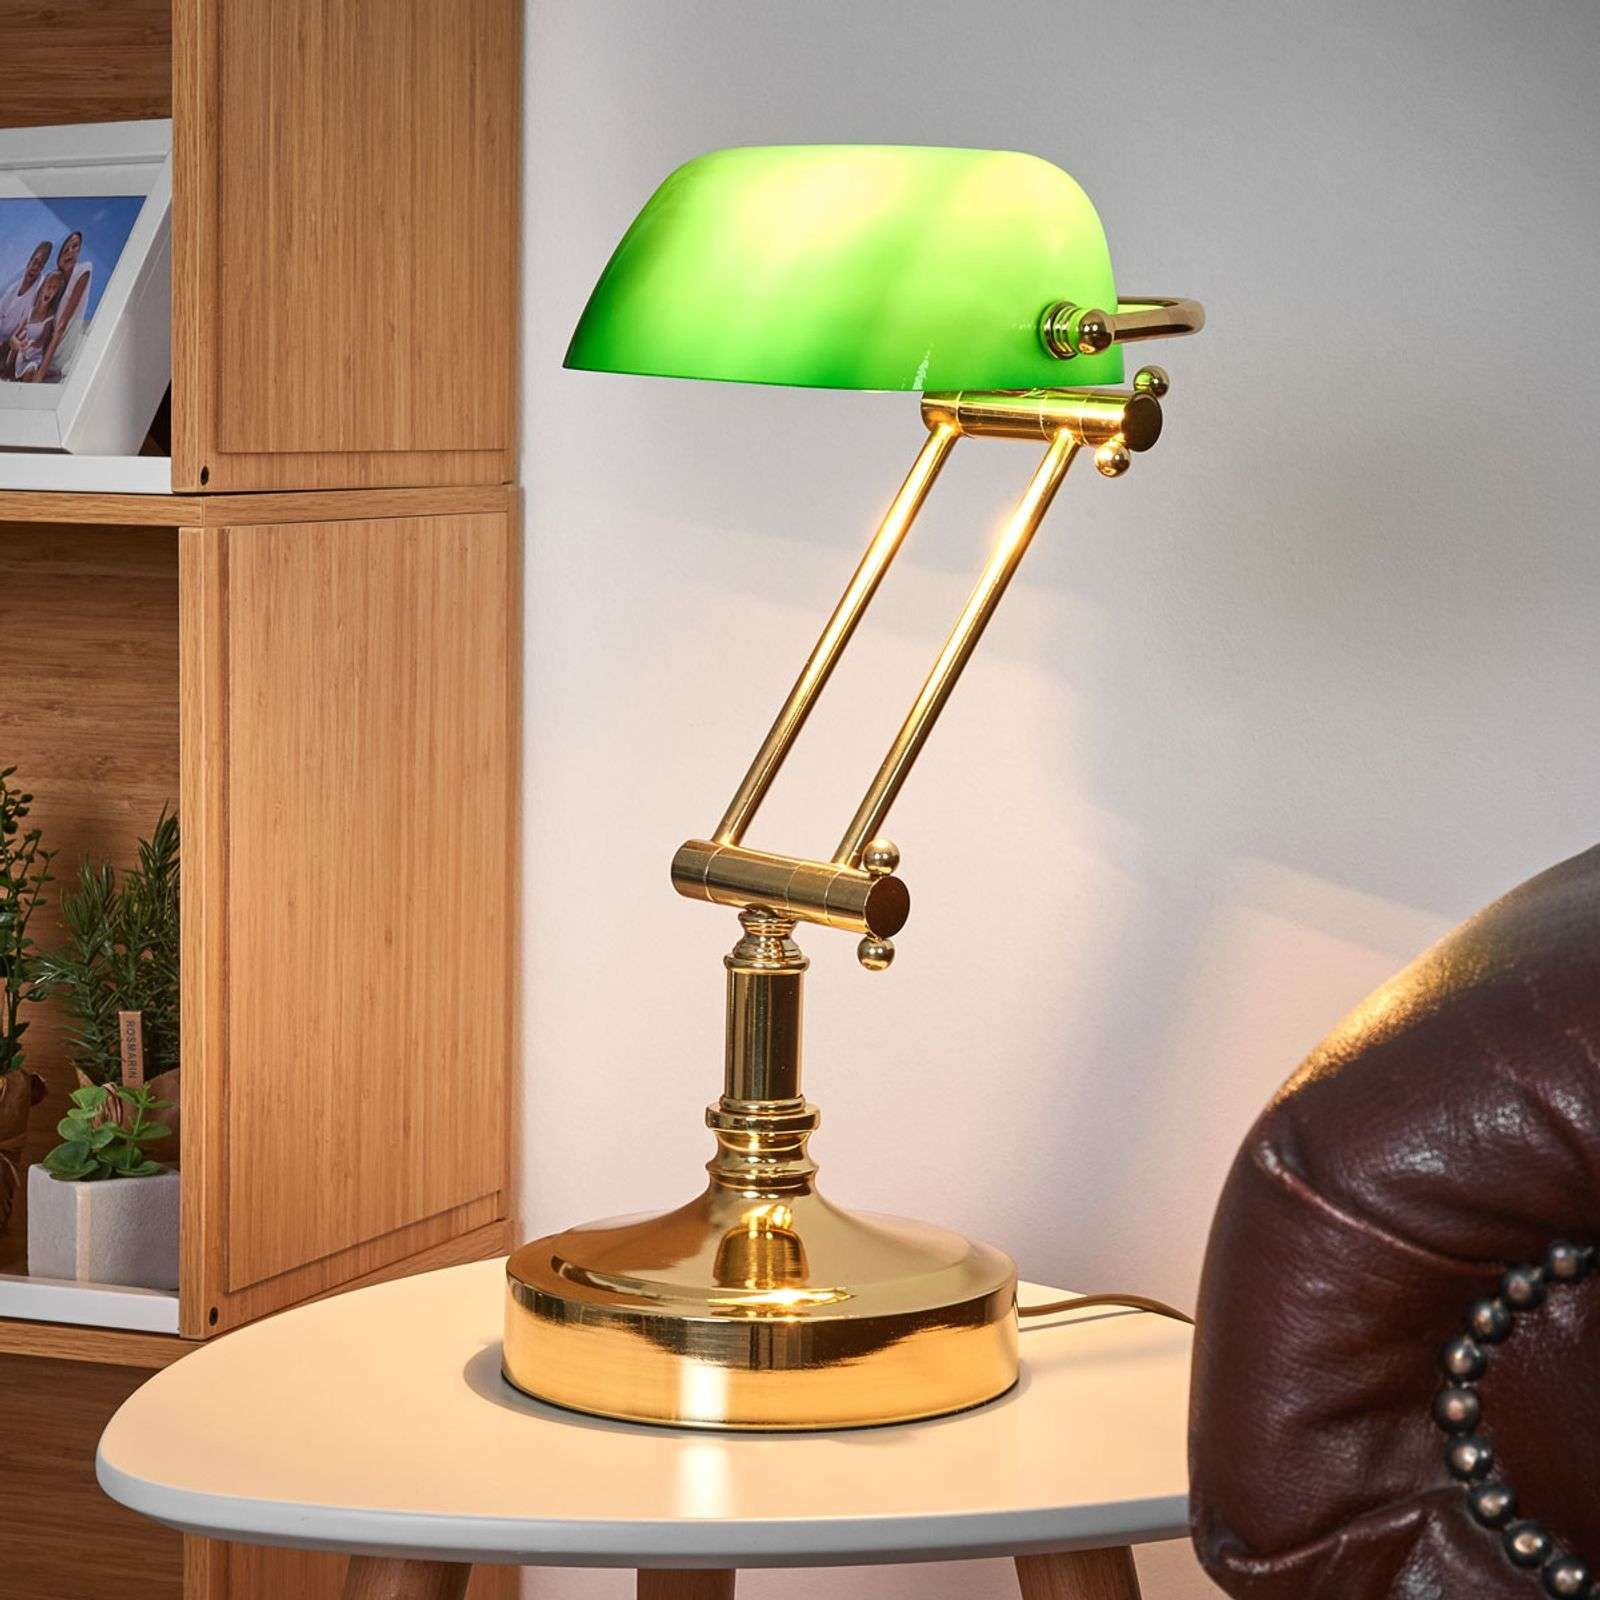 Lampe Banquier Steve Avec Diffuseur En Verre Vert Lampe Banquier Lampe Diffuseur